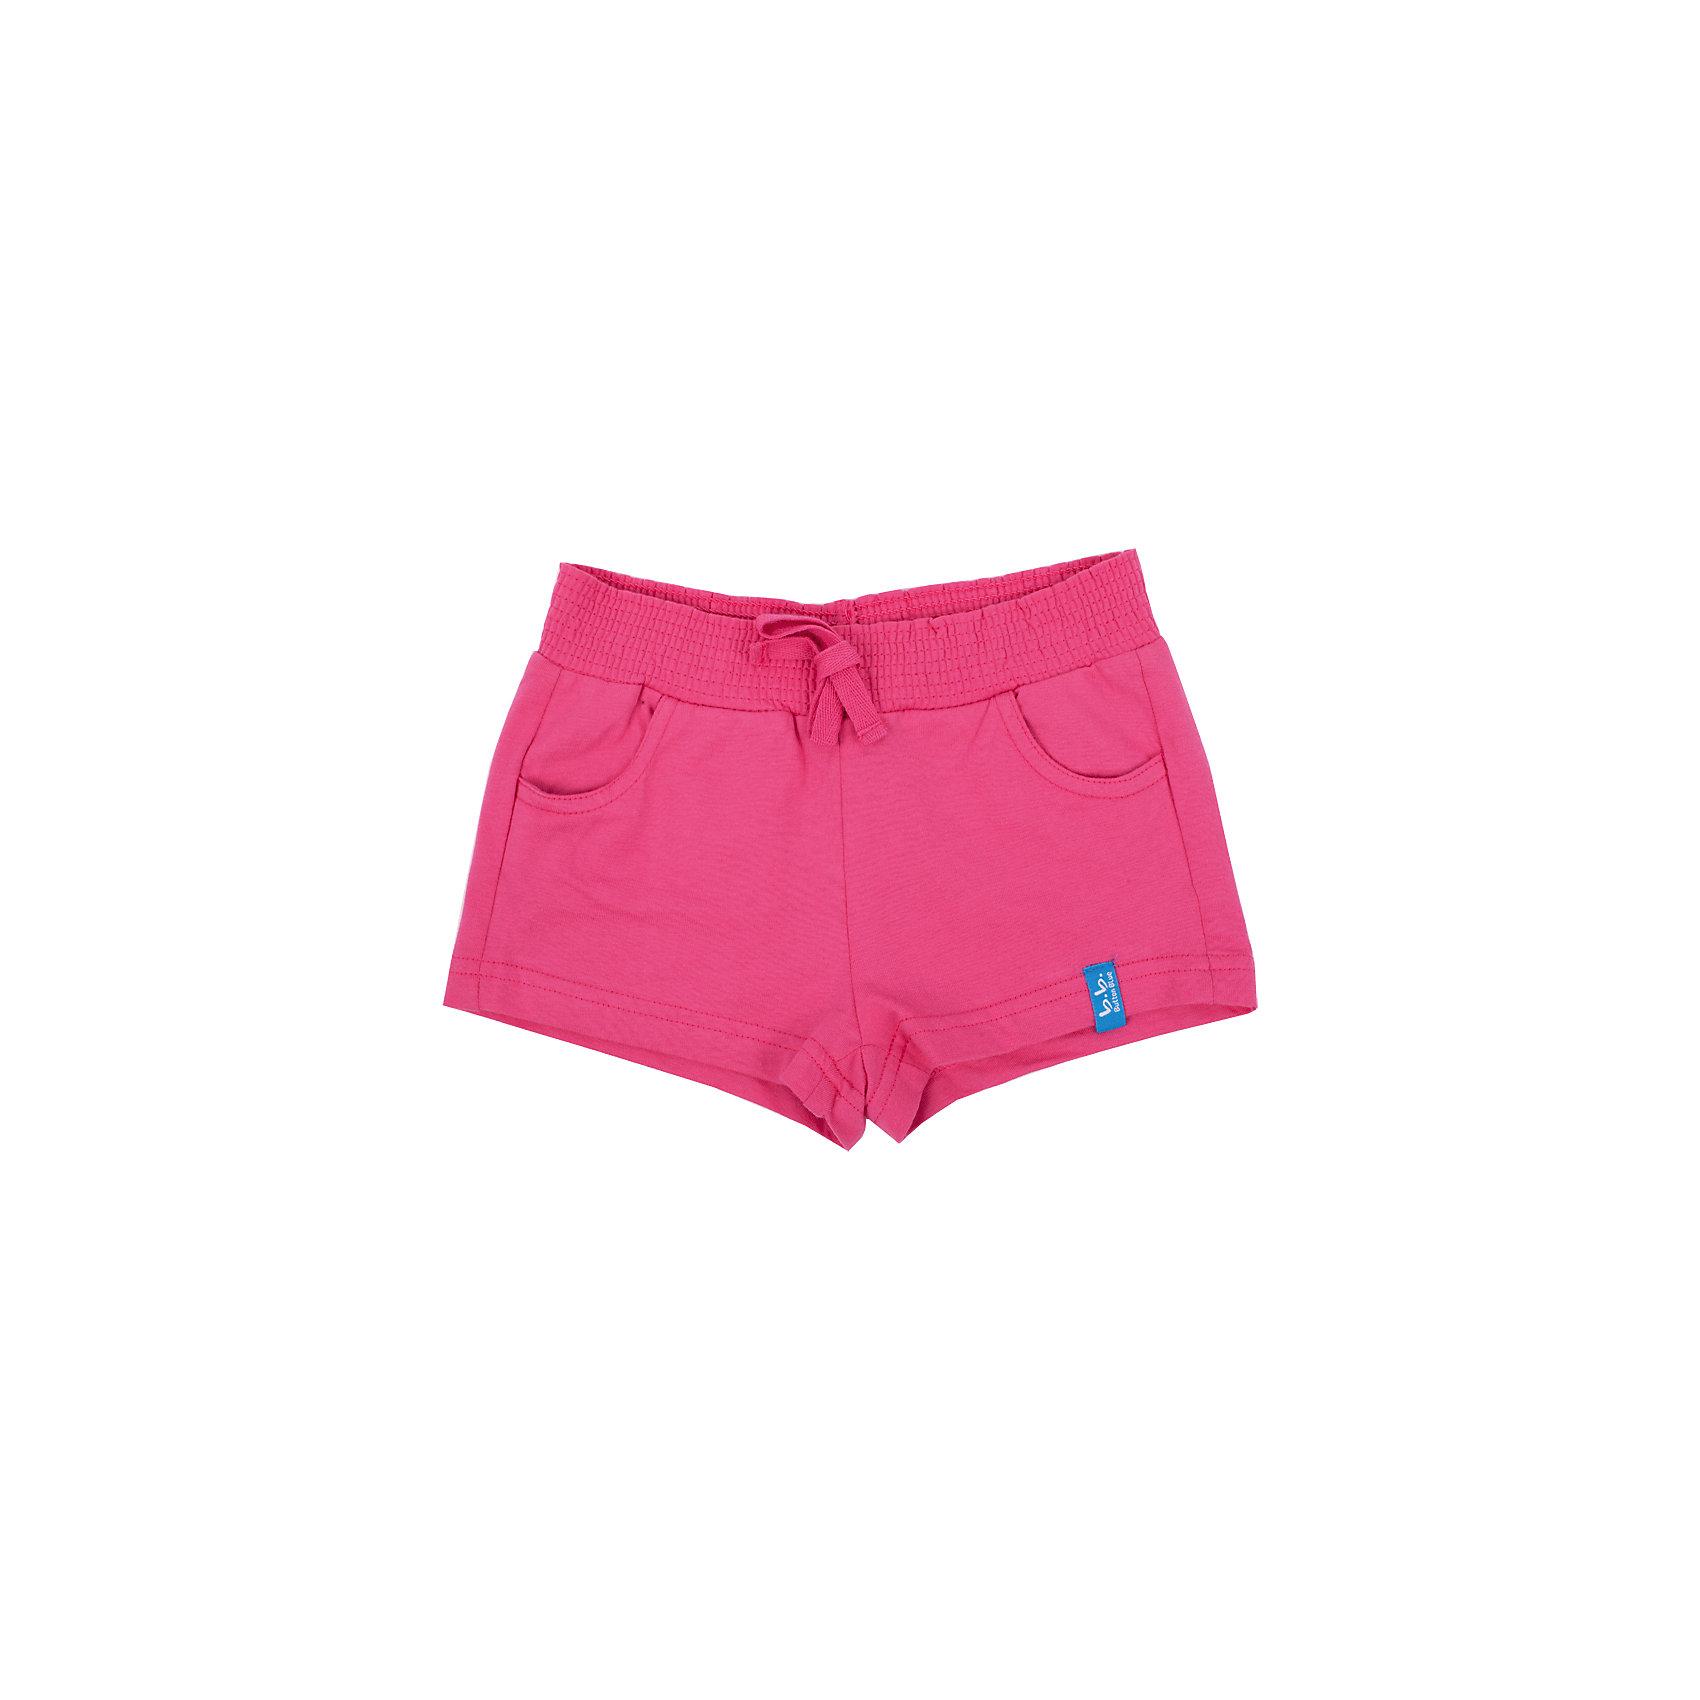 Шорты для девочки Button BlueШорты, бриджи, капри<br>Детские трикотажные шорты — образец комфорта! Малиновые шорты для девочки сделают летний комплект в спортивном стиле ярким и интересным. Если вы хотите купить недорого классные шорты на каждый день, эта модель — то, что нужно.<br>Состав:<br>100% хлопок<br><br>Ширина мм: 191<br>Глубина мм: 10<br>Высота мм: 175<br>Вес г: 273<br>Цвет: розовый<br>Возраст от месяцев: 60<br>Возраст до месяцев: 72<br>Пол: Женский<br>Возраст: Детский<br>Размер: 116,122,140,98,110,128,104,134<br>SKU: 4510068